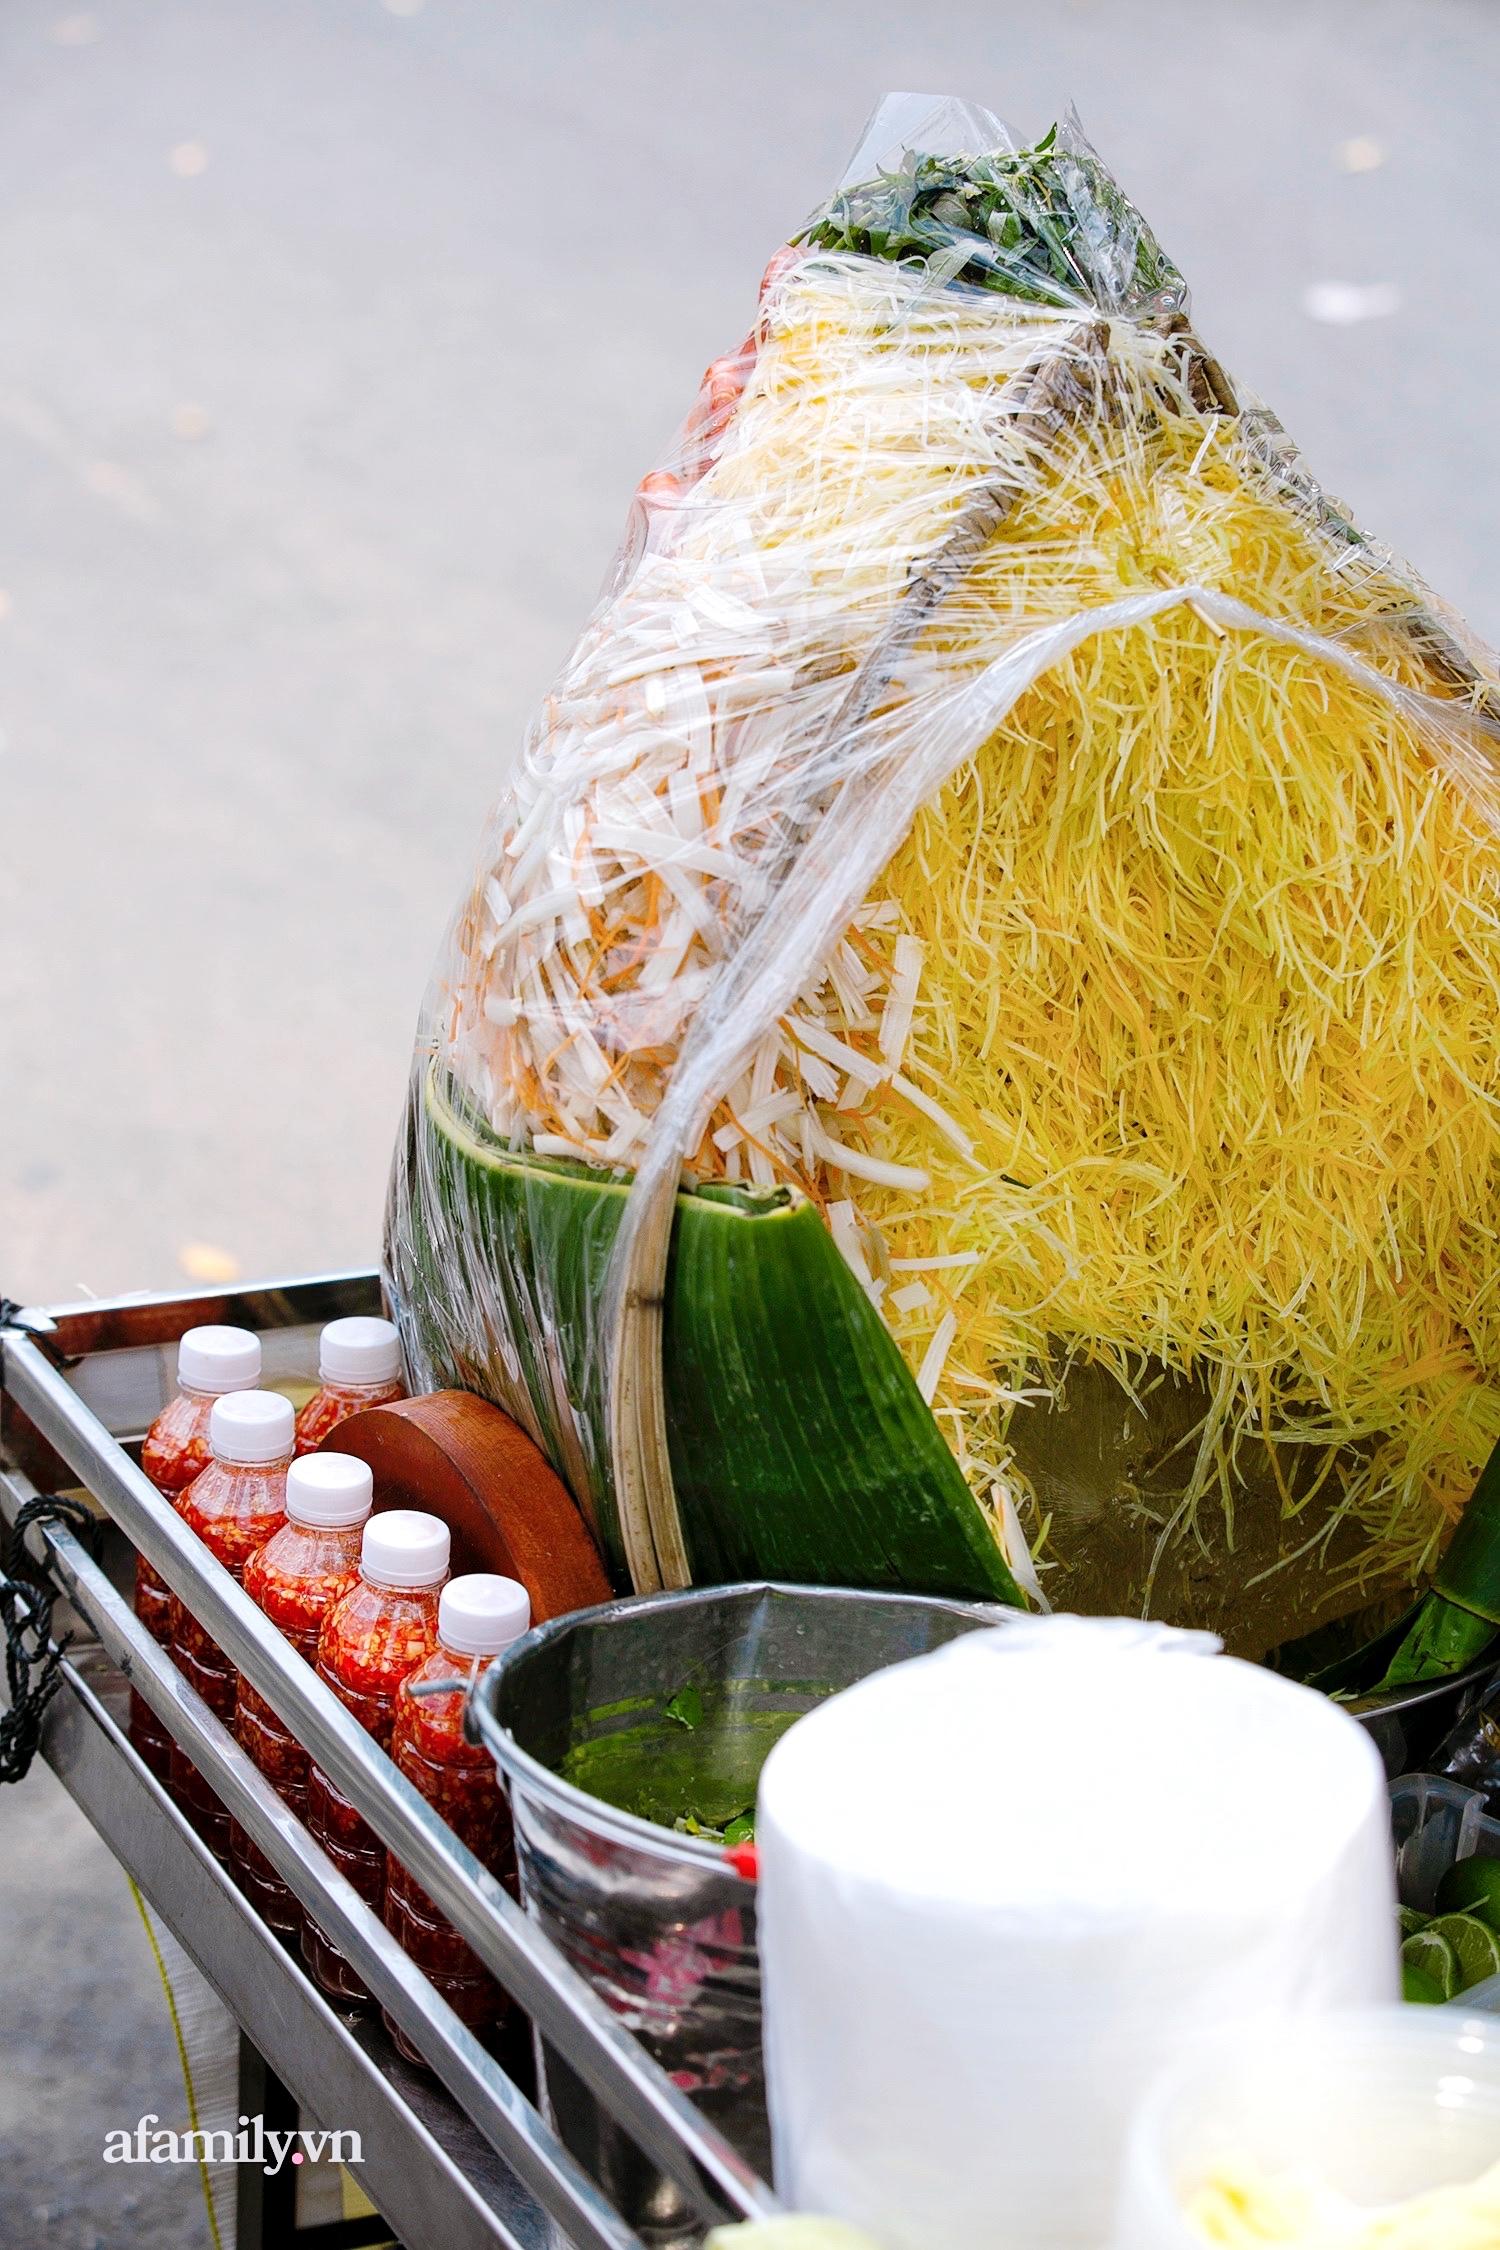 """Gánh gỏi ngó sen tôm càng """"chuẩn 5 sao"""" của """"thánh hàng rong"""" Sài Gòn, một năm đổi chục món nhưng nhờ nước chấm thần thánh mà tự tin bán món nào cũng chất, cũng đông! - Ảnh 11."""